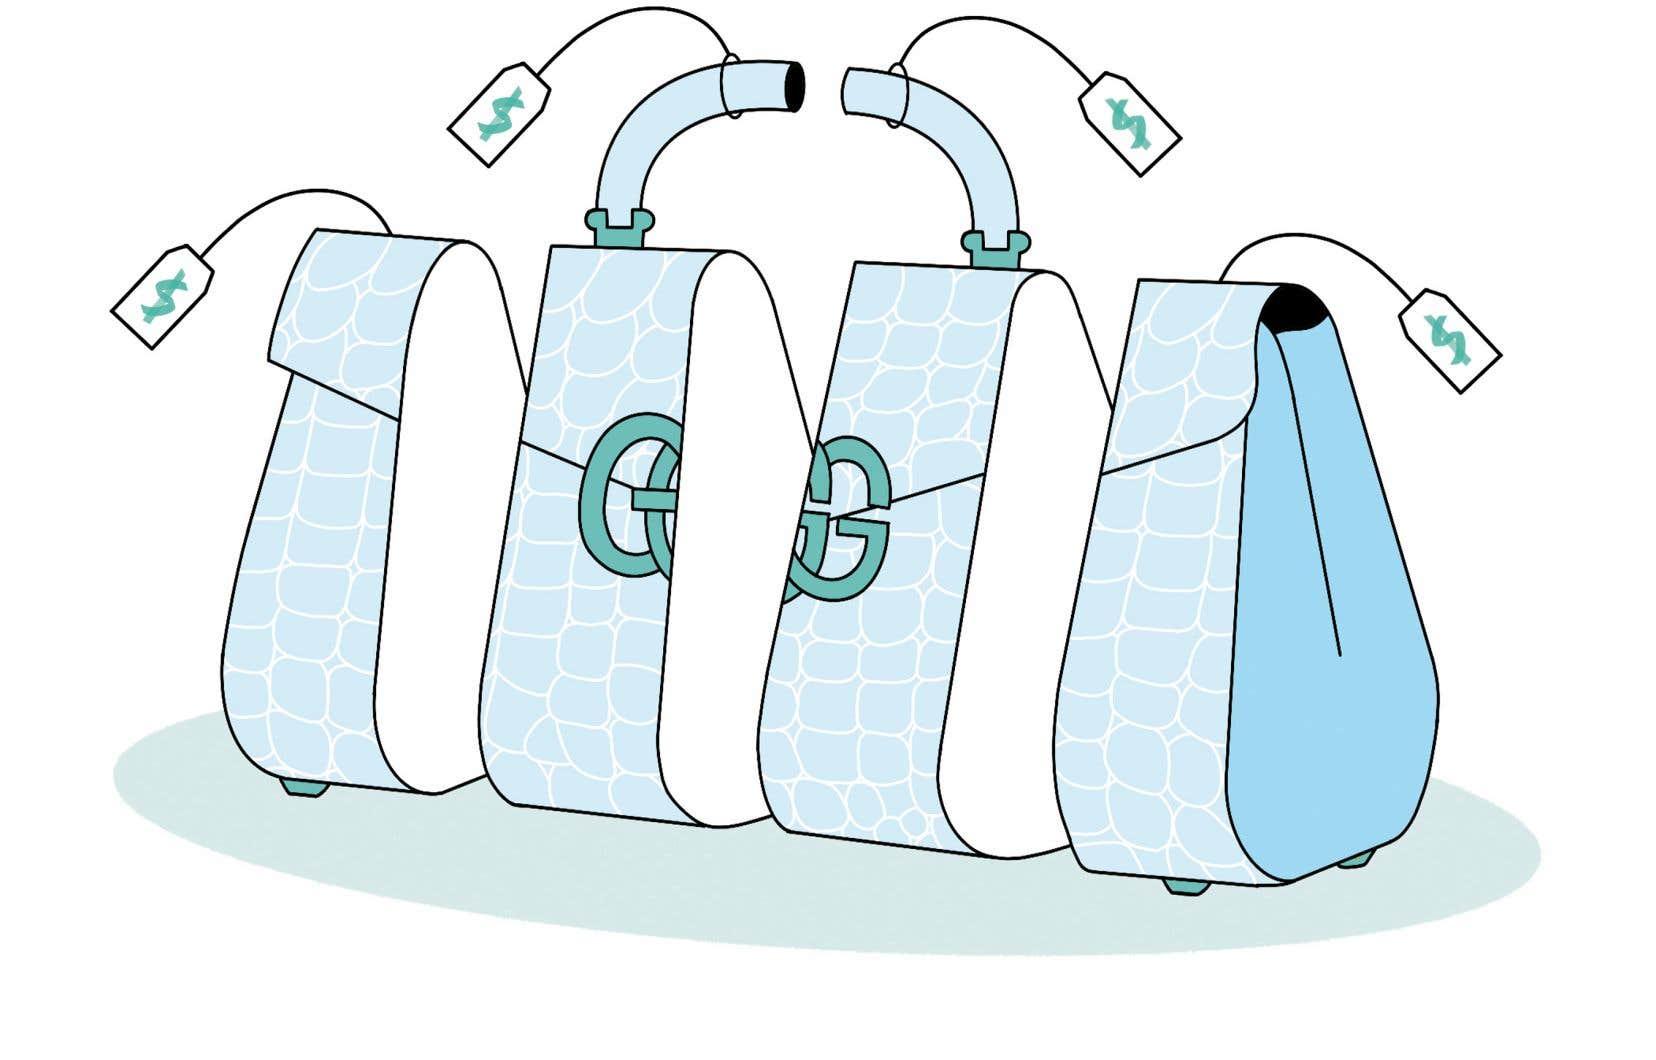 Les compagnies spécialisées dans le «Buy now pay later» BNPL permettent aux consommateurs de payer en plusieurs fois, de façon étalée dans le temps — la plupart du temps sans intérêt et sans enquête de crédit — pour un bien qu'ils veulent maintenant.